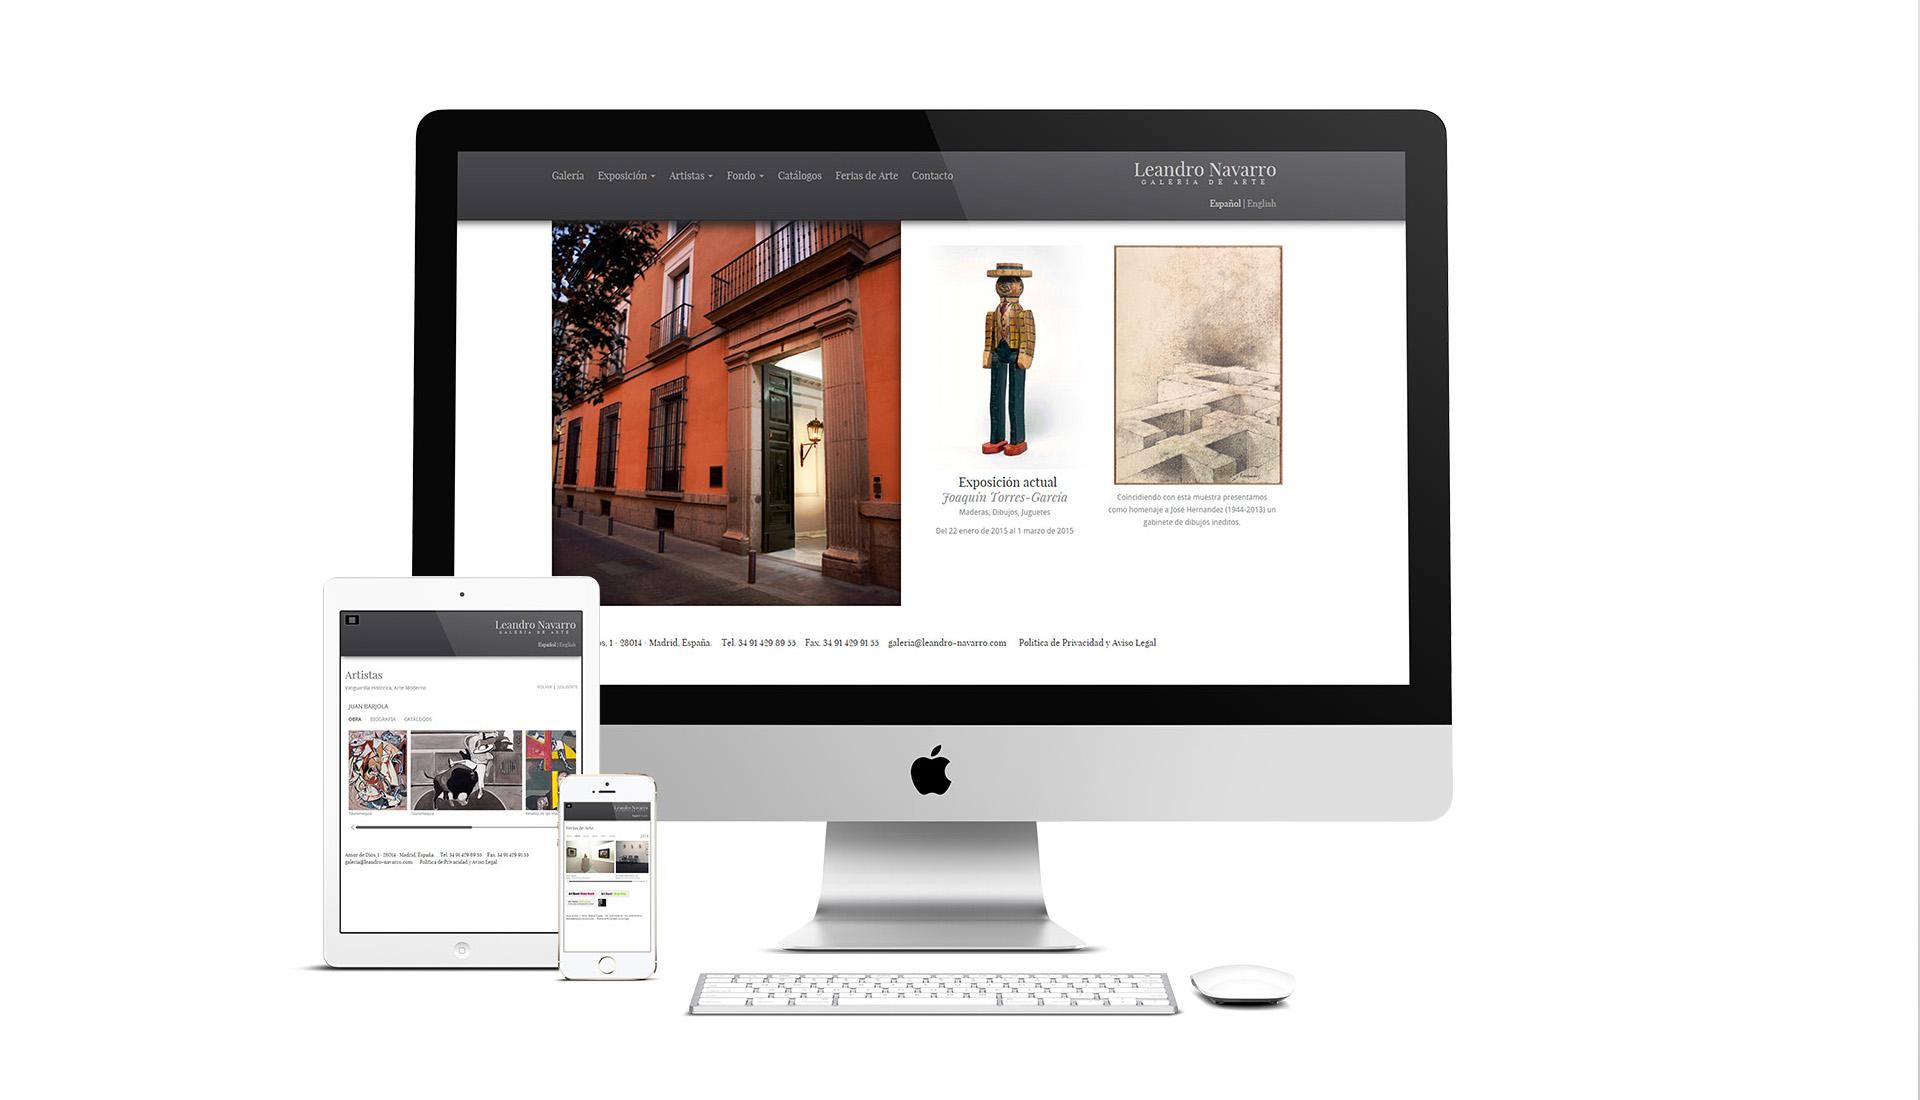 Creación de site en HTML5 para la Galería de Arte Leandro Navarro